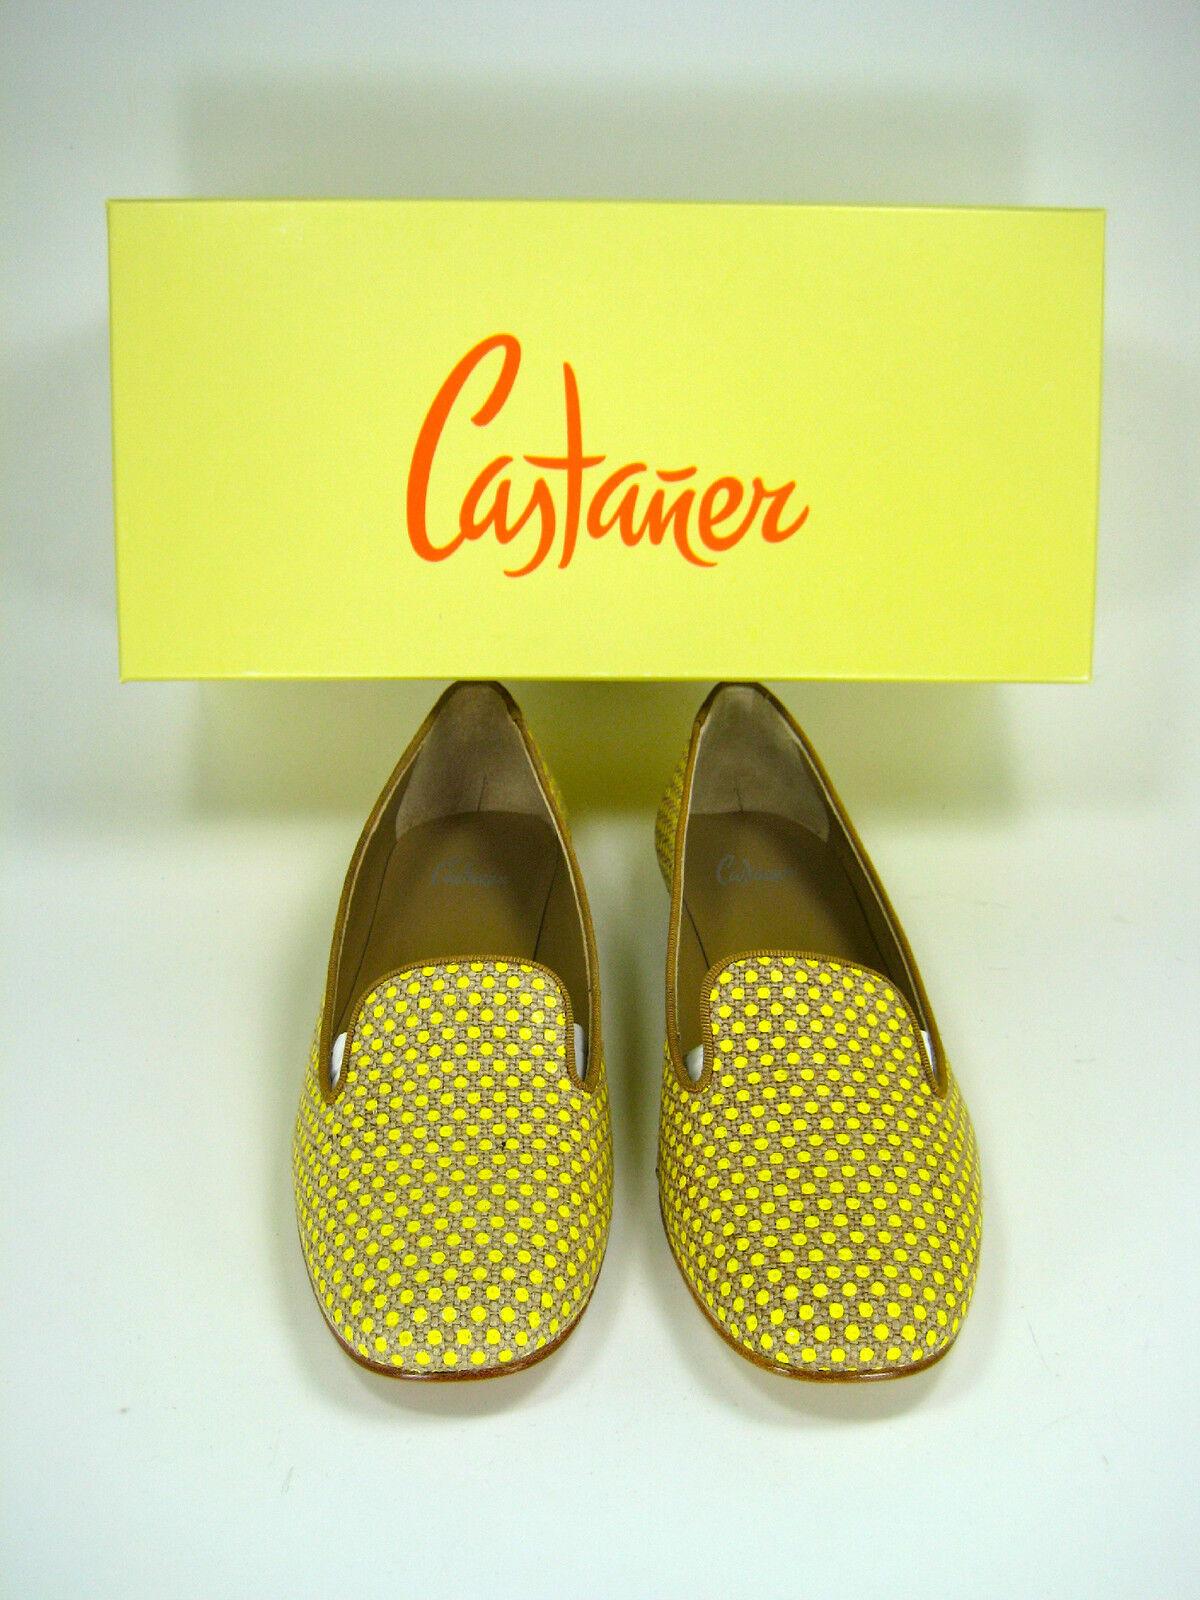 Castaner amarillo y tan Amarillo  quejarse    Mocasín Planas tamaño 36 Nuevo En Caja  285  últimos estilos